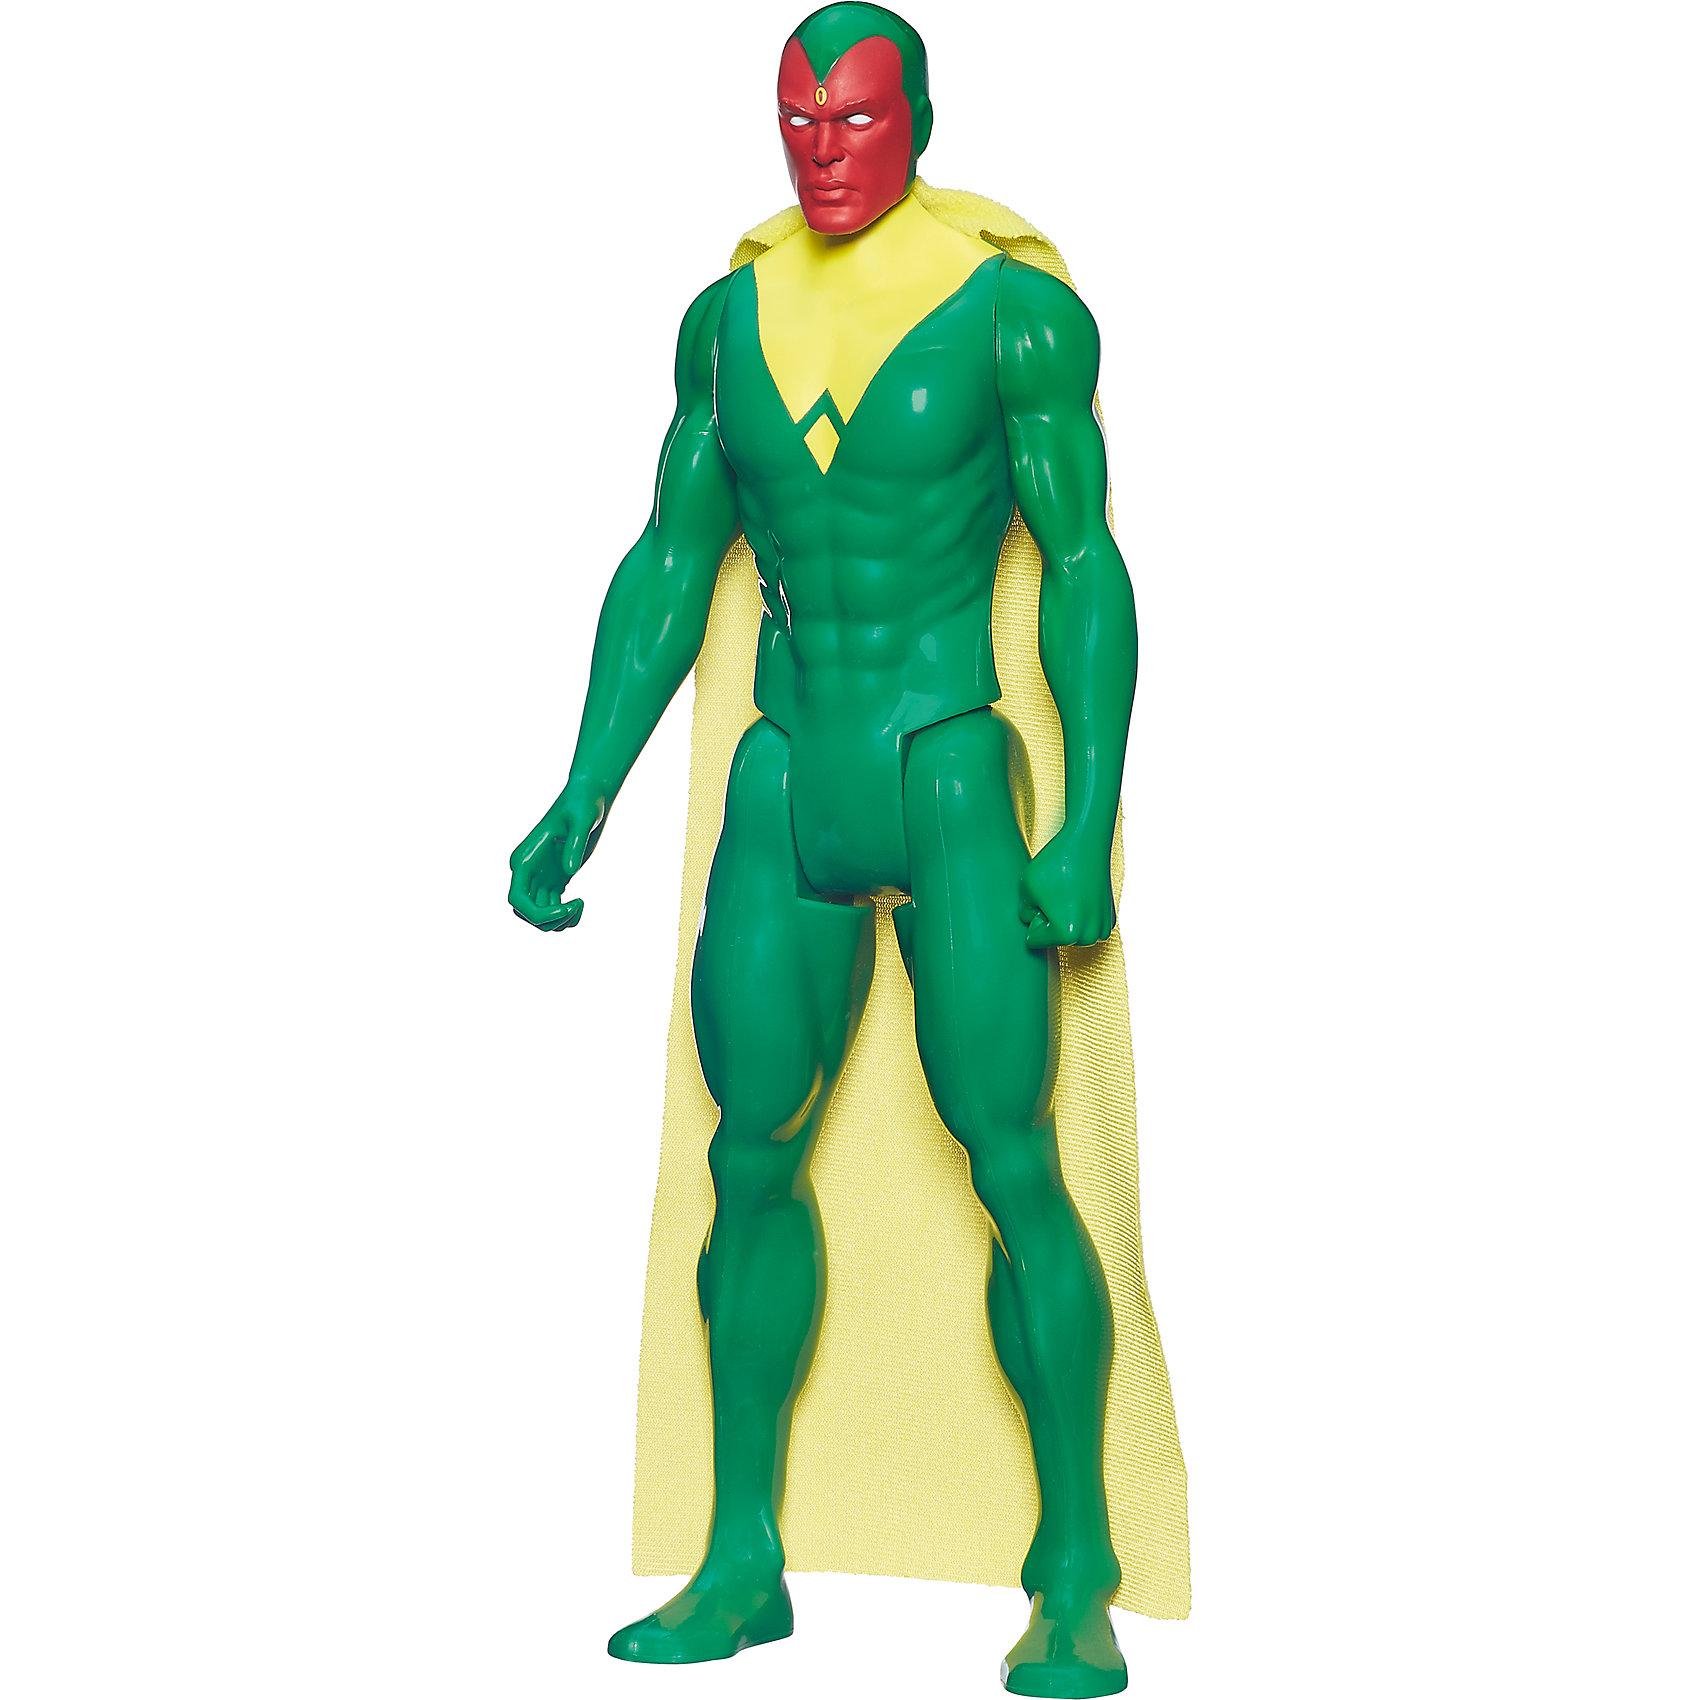 Титаны: фигурки Мстителей, B0434/B3440Фигурка, Титаны: Мстители (Avengers), B0434/B3440.<br><br>Характеристика:<br><br>• Материал: пластик.   <br>• Высота фигурки: 30 см. <br>• Голова, руки, ноги фигурки подвижные. <br>• Фигурка детально проработана и реалистично раскрашена. <br><br>Поклонники вселенной MARVEL обязательно оценят эту фигурку. Игрушка детально проработана и реалистично раскрашена, имеет подвижные конечности, может принимать разные позы. Фигурка титана изготовлена из экологичного нетоксичного пластика безопасного для детей. Собери всех титанов и устраивай грандиозные сражения!<br><br>Фигурку, Титаны: Мстители (Avengers), B0434/B3440, можно купить в нашем интернет-магазине.<br><br>Ширина мм: 311<br>Глубина мм: 106<br>Высота мм: 58<br>Вес г: 260<br>Возраст от месяцев: 48<br>Возраст до месяцев: 96<br>Пол: Мужской<br>Возраст: Детский<br>SKU: 5352851